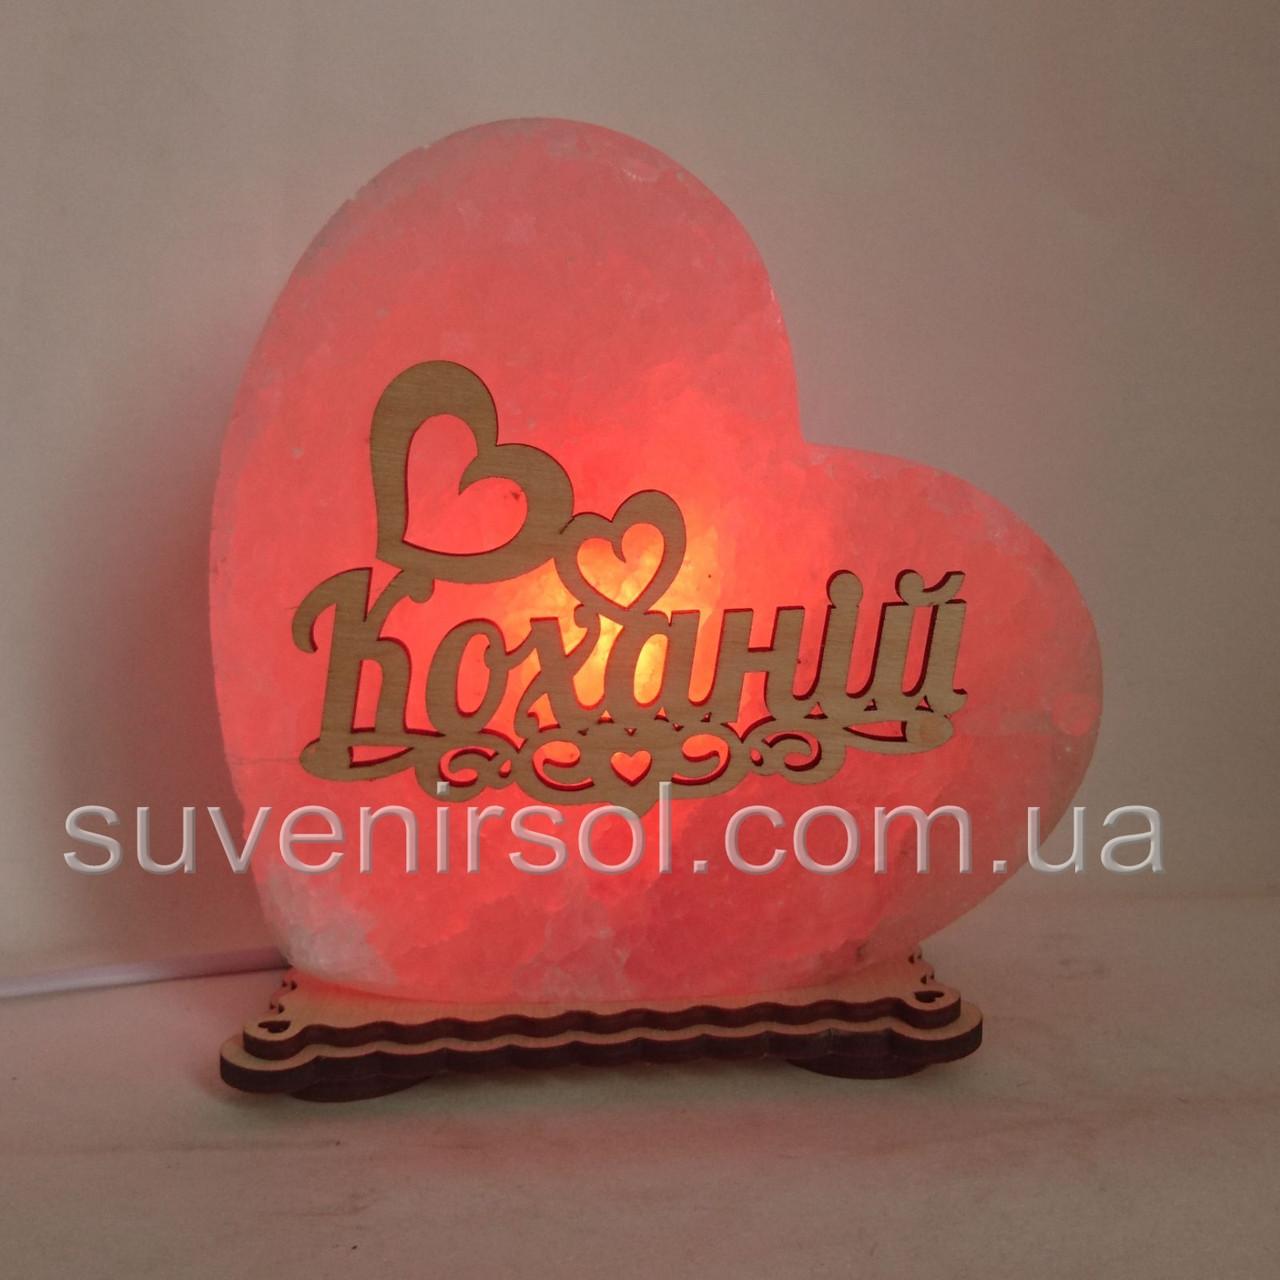 Соляной светильник Сердце большое Коханій